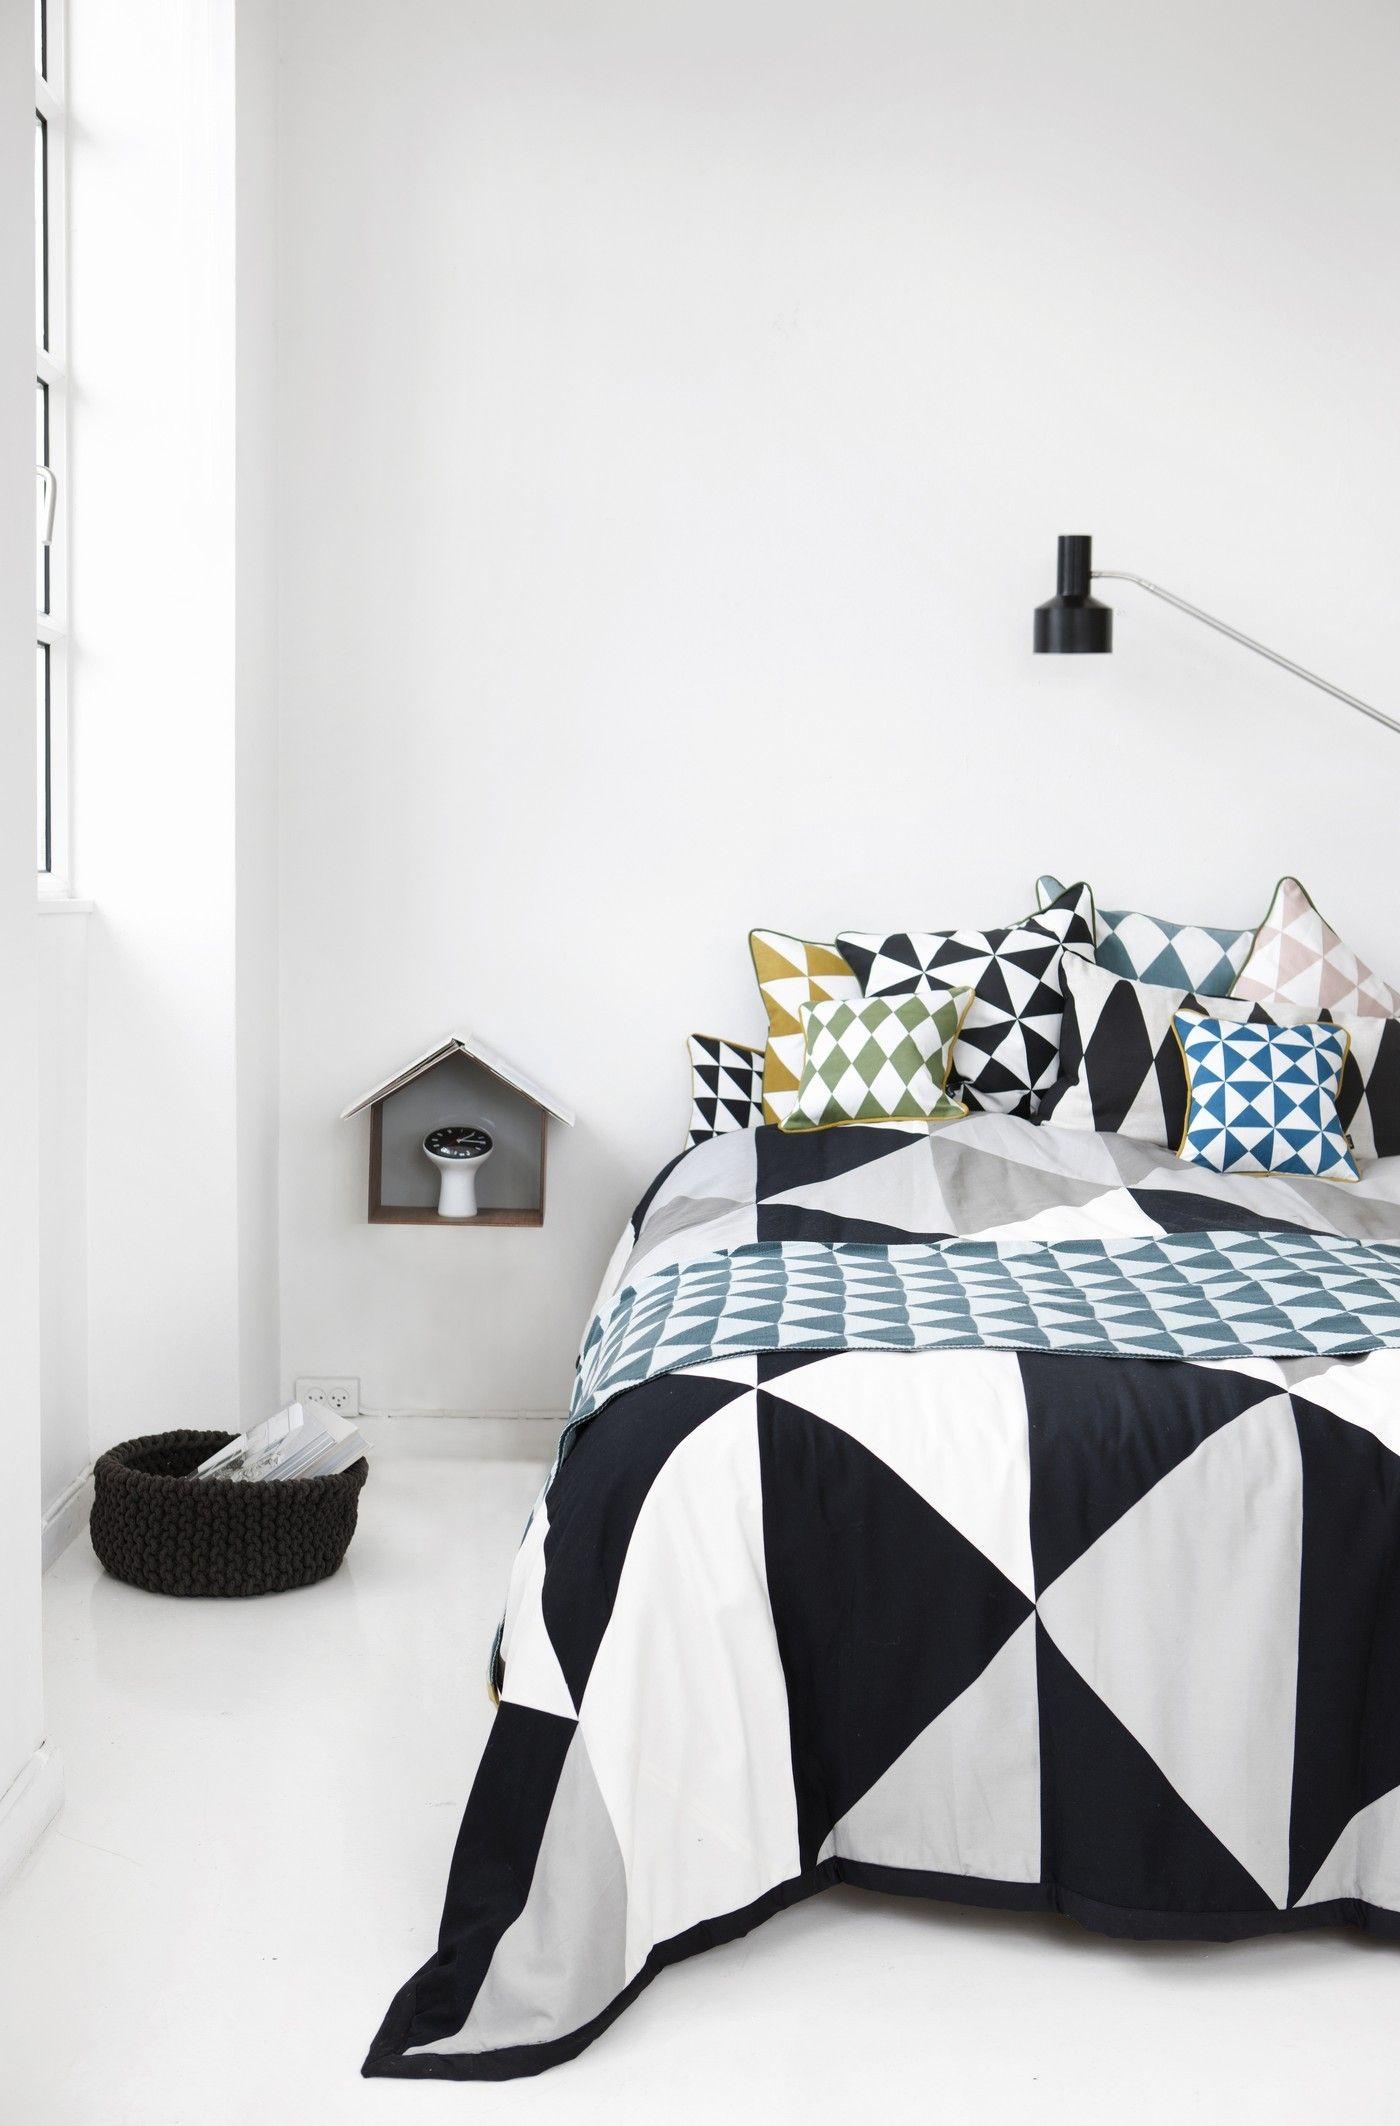 coussin large geometry coton 50 x 50 cm bleu p trole blanc ferm living. Black Bedroom Furniture Sets. Home Design Ideas